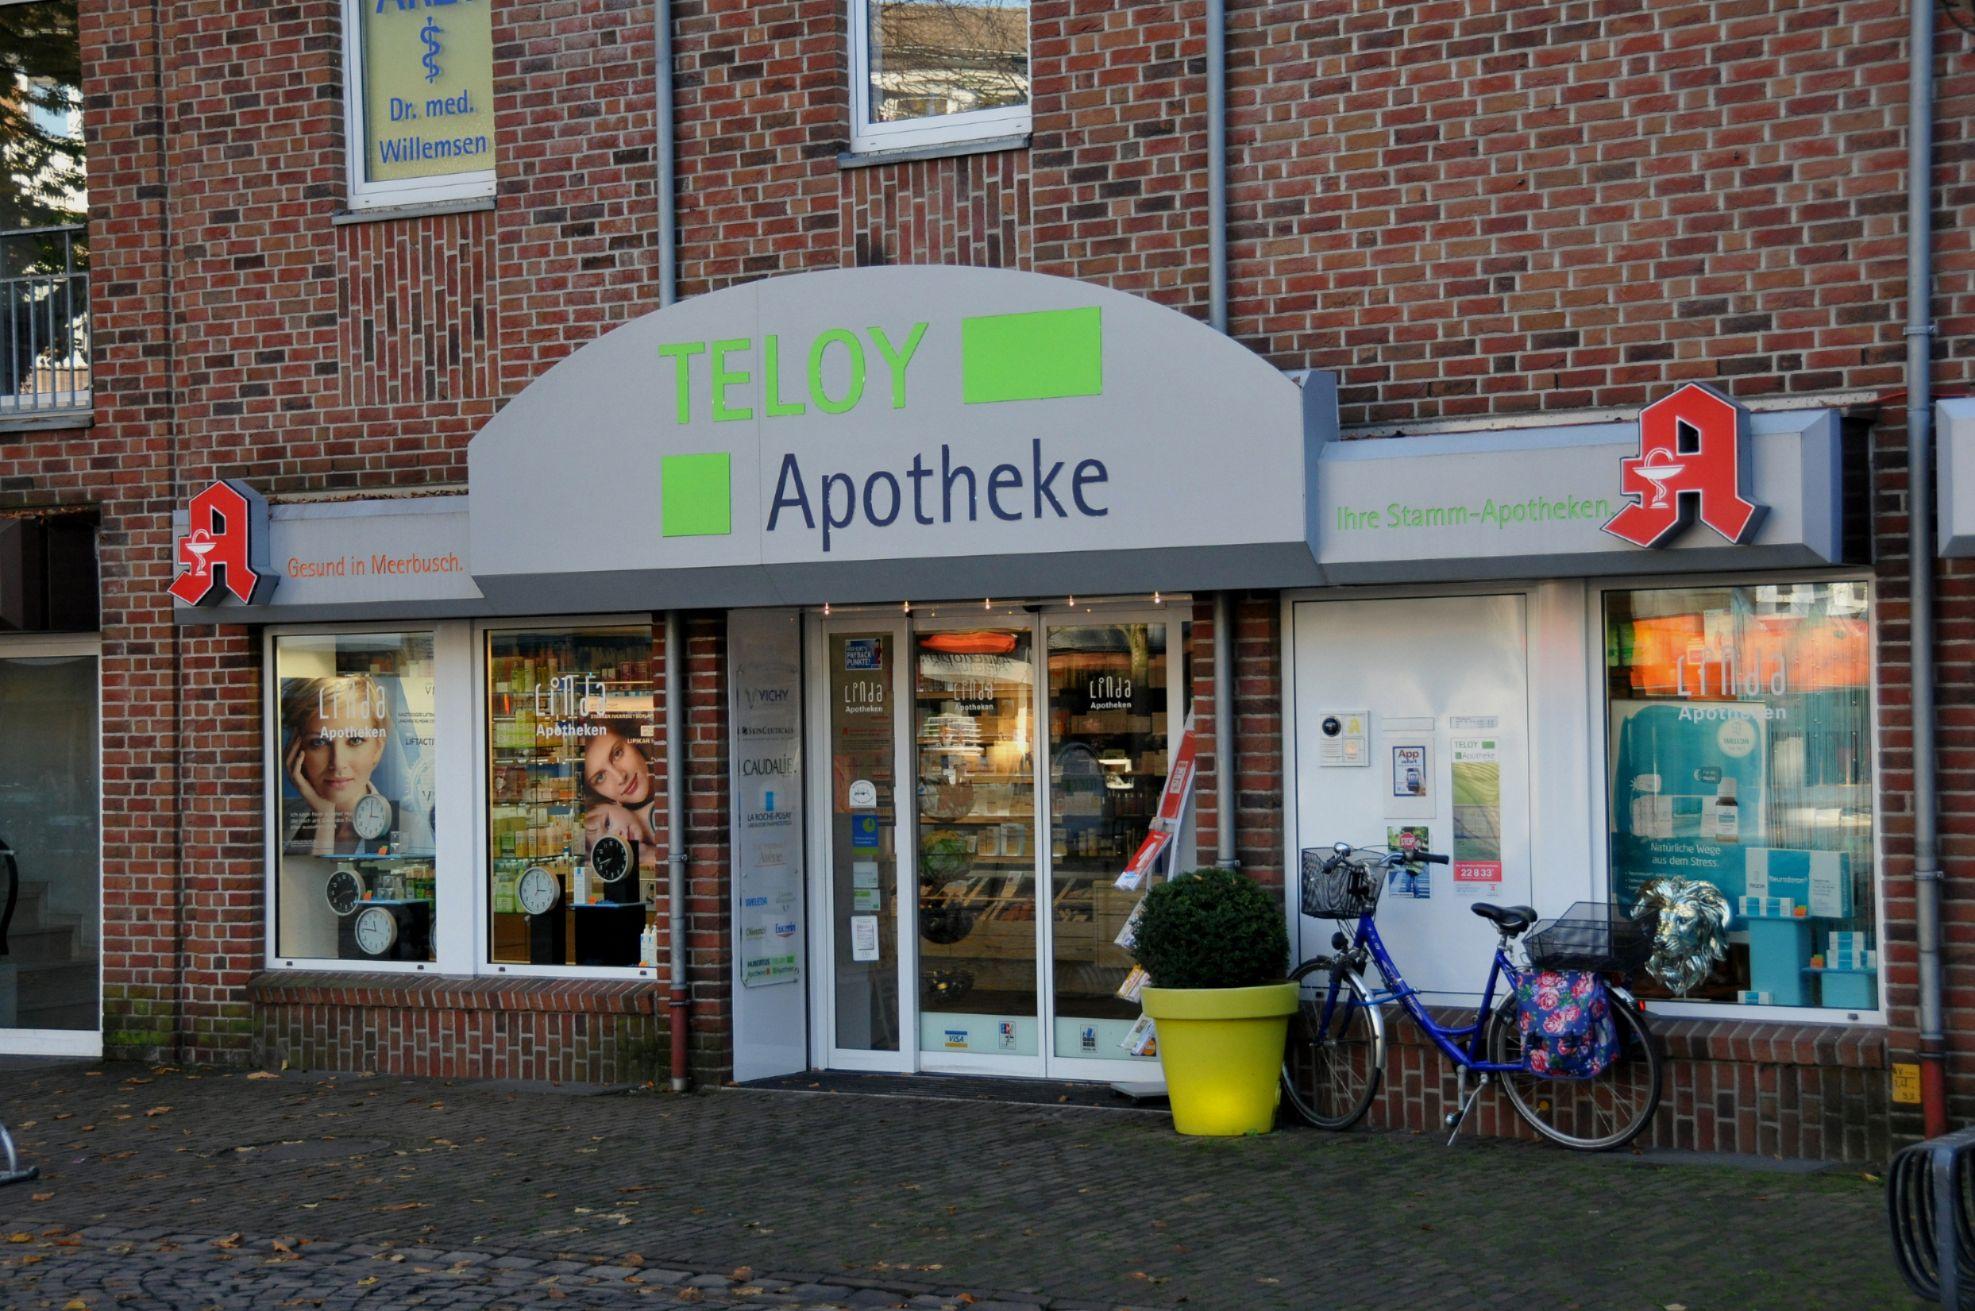 Teloy-Apotheke